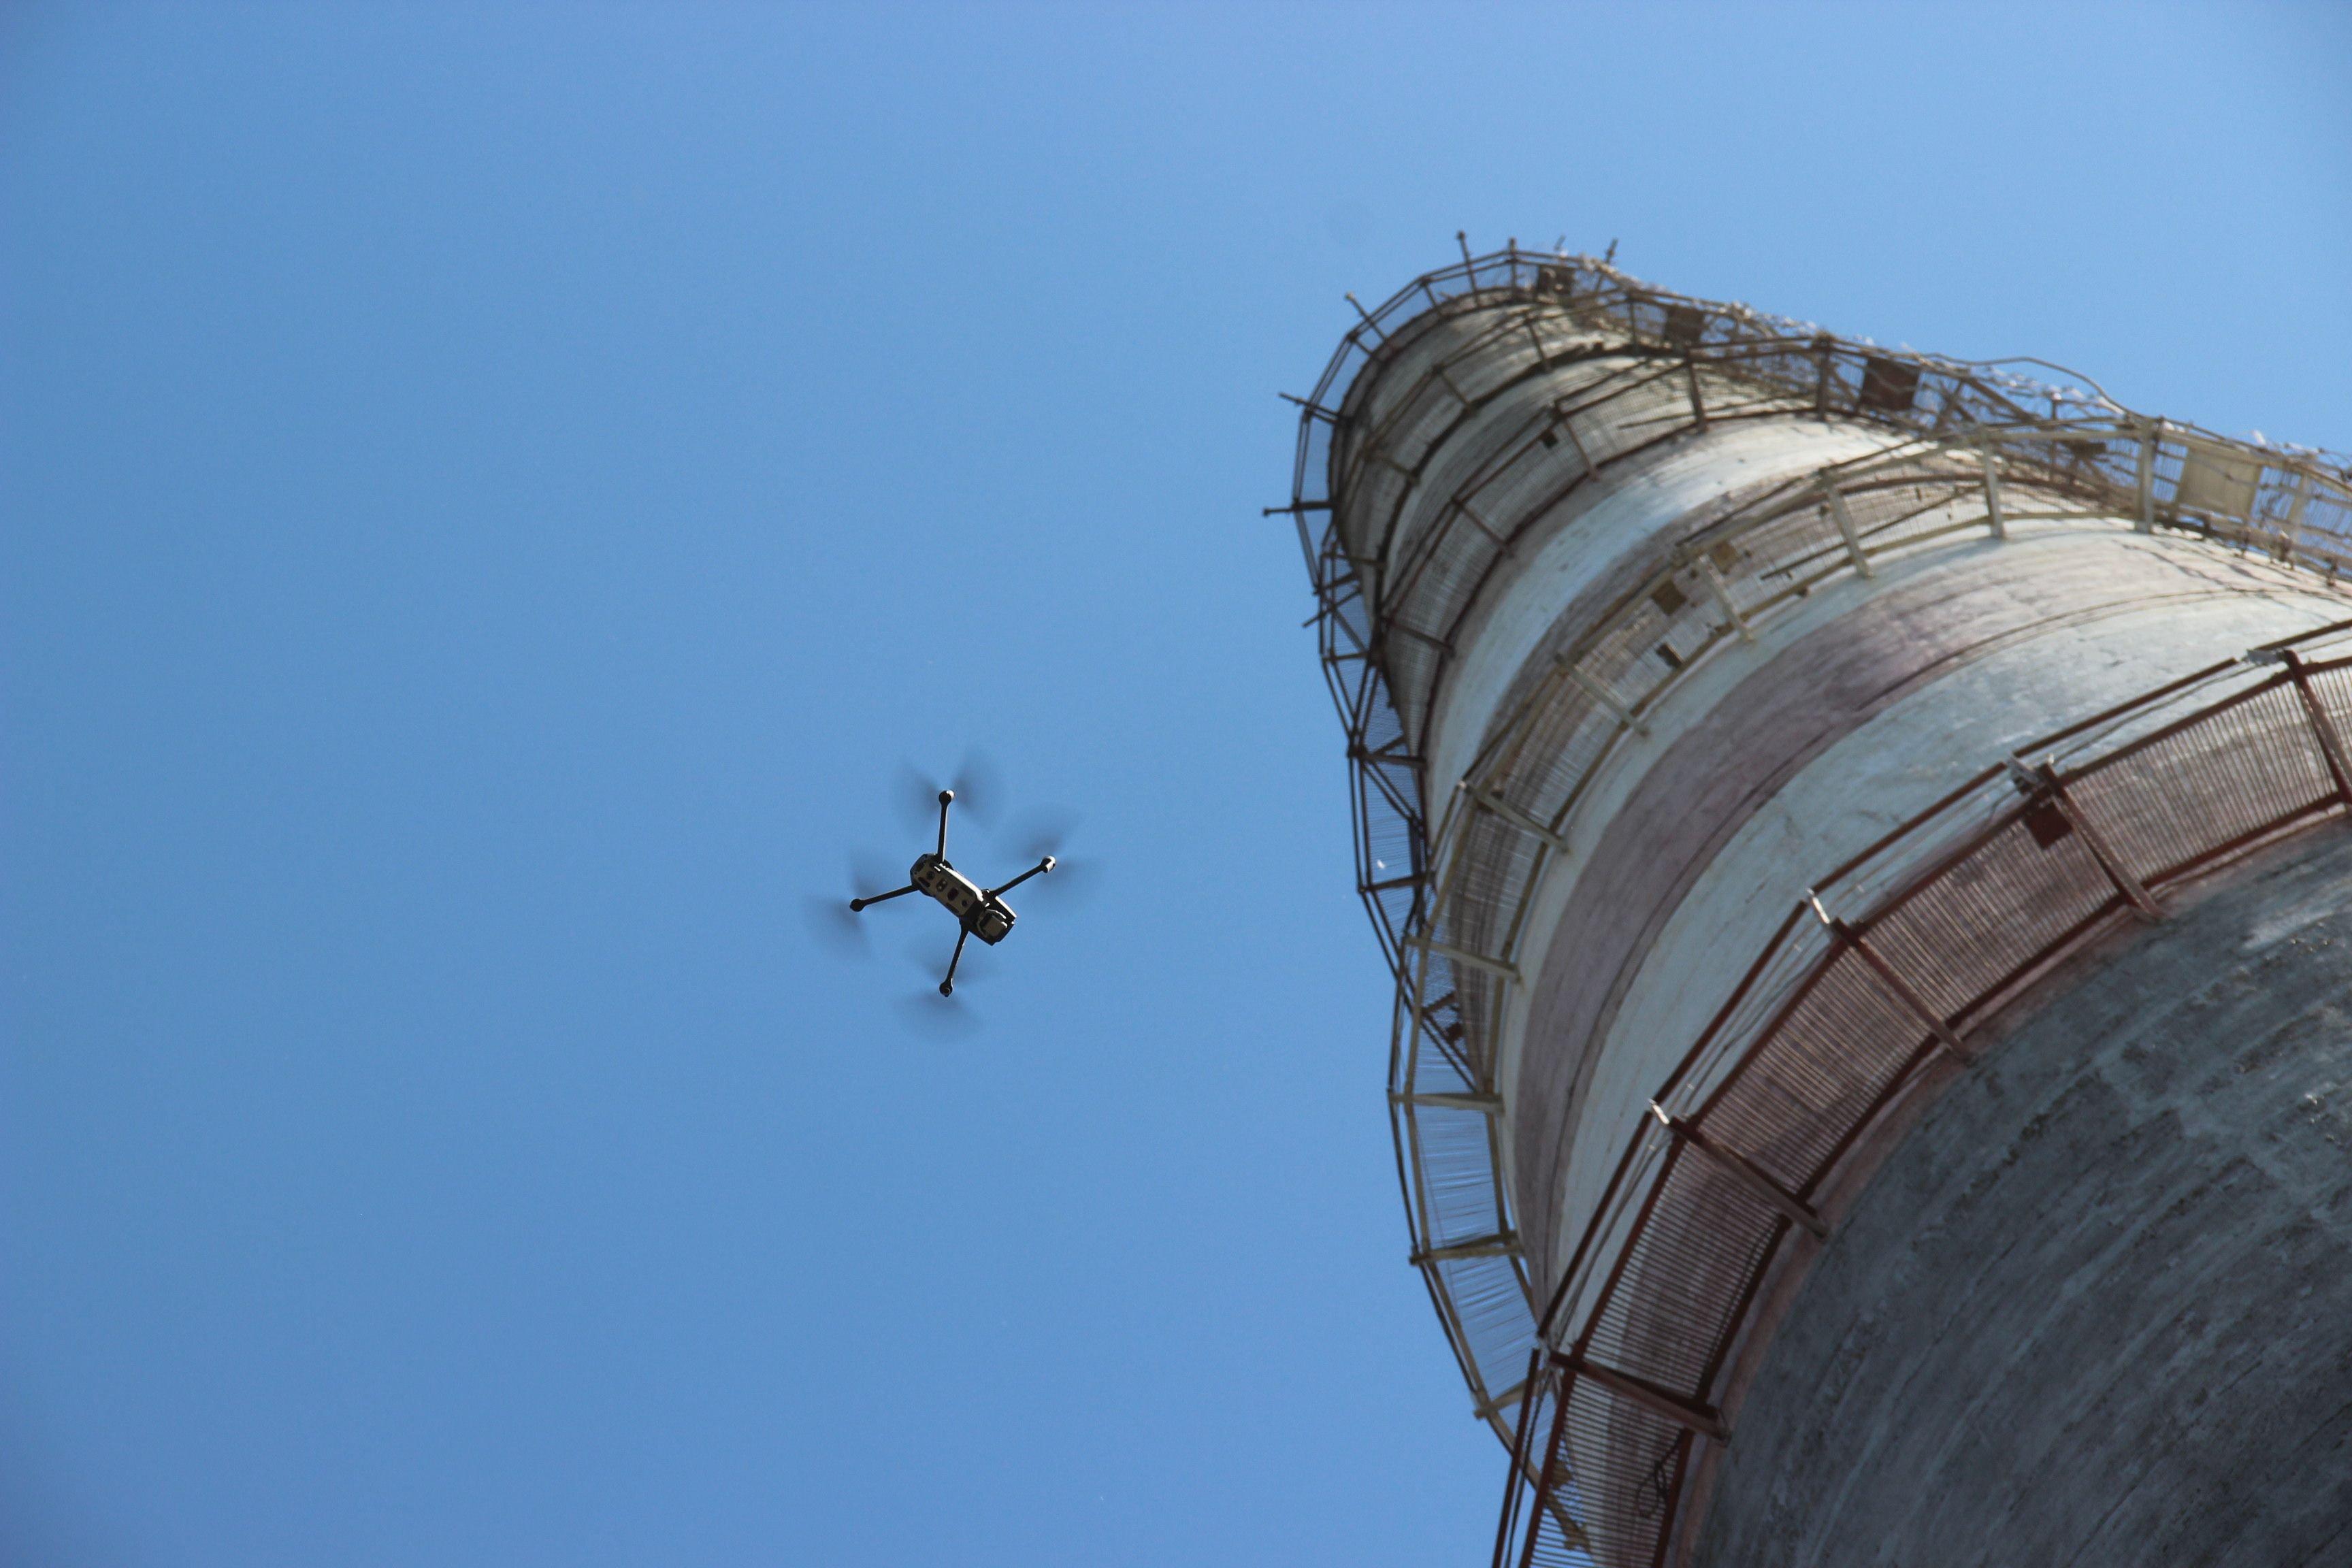 інспектування технологічного обладнання дронами_3